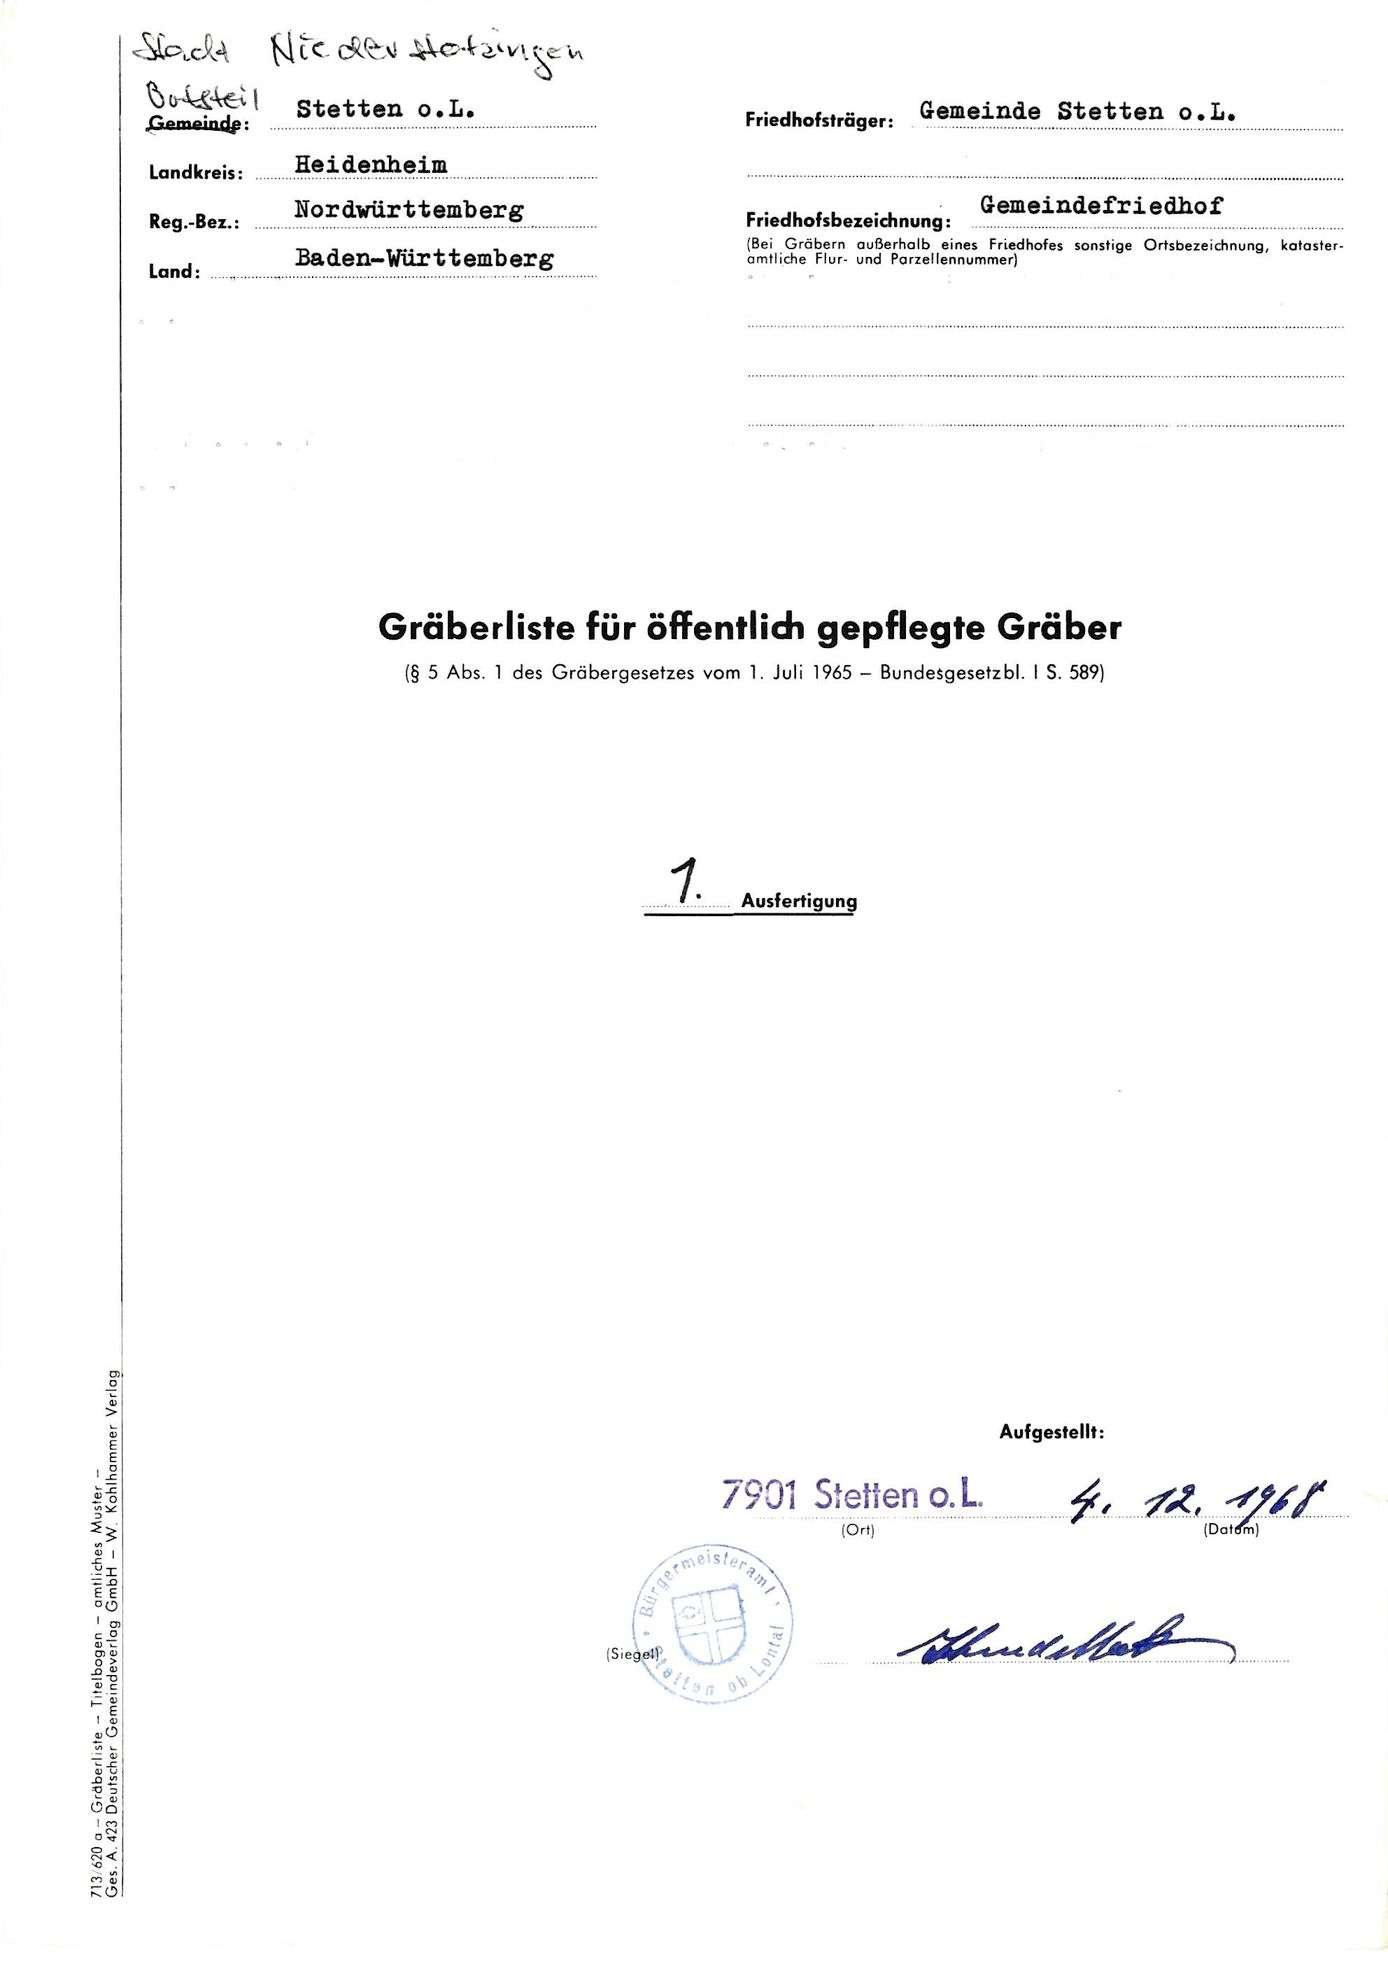 Stetten o. L., Bild 1